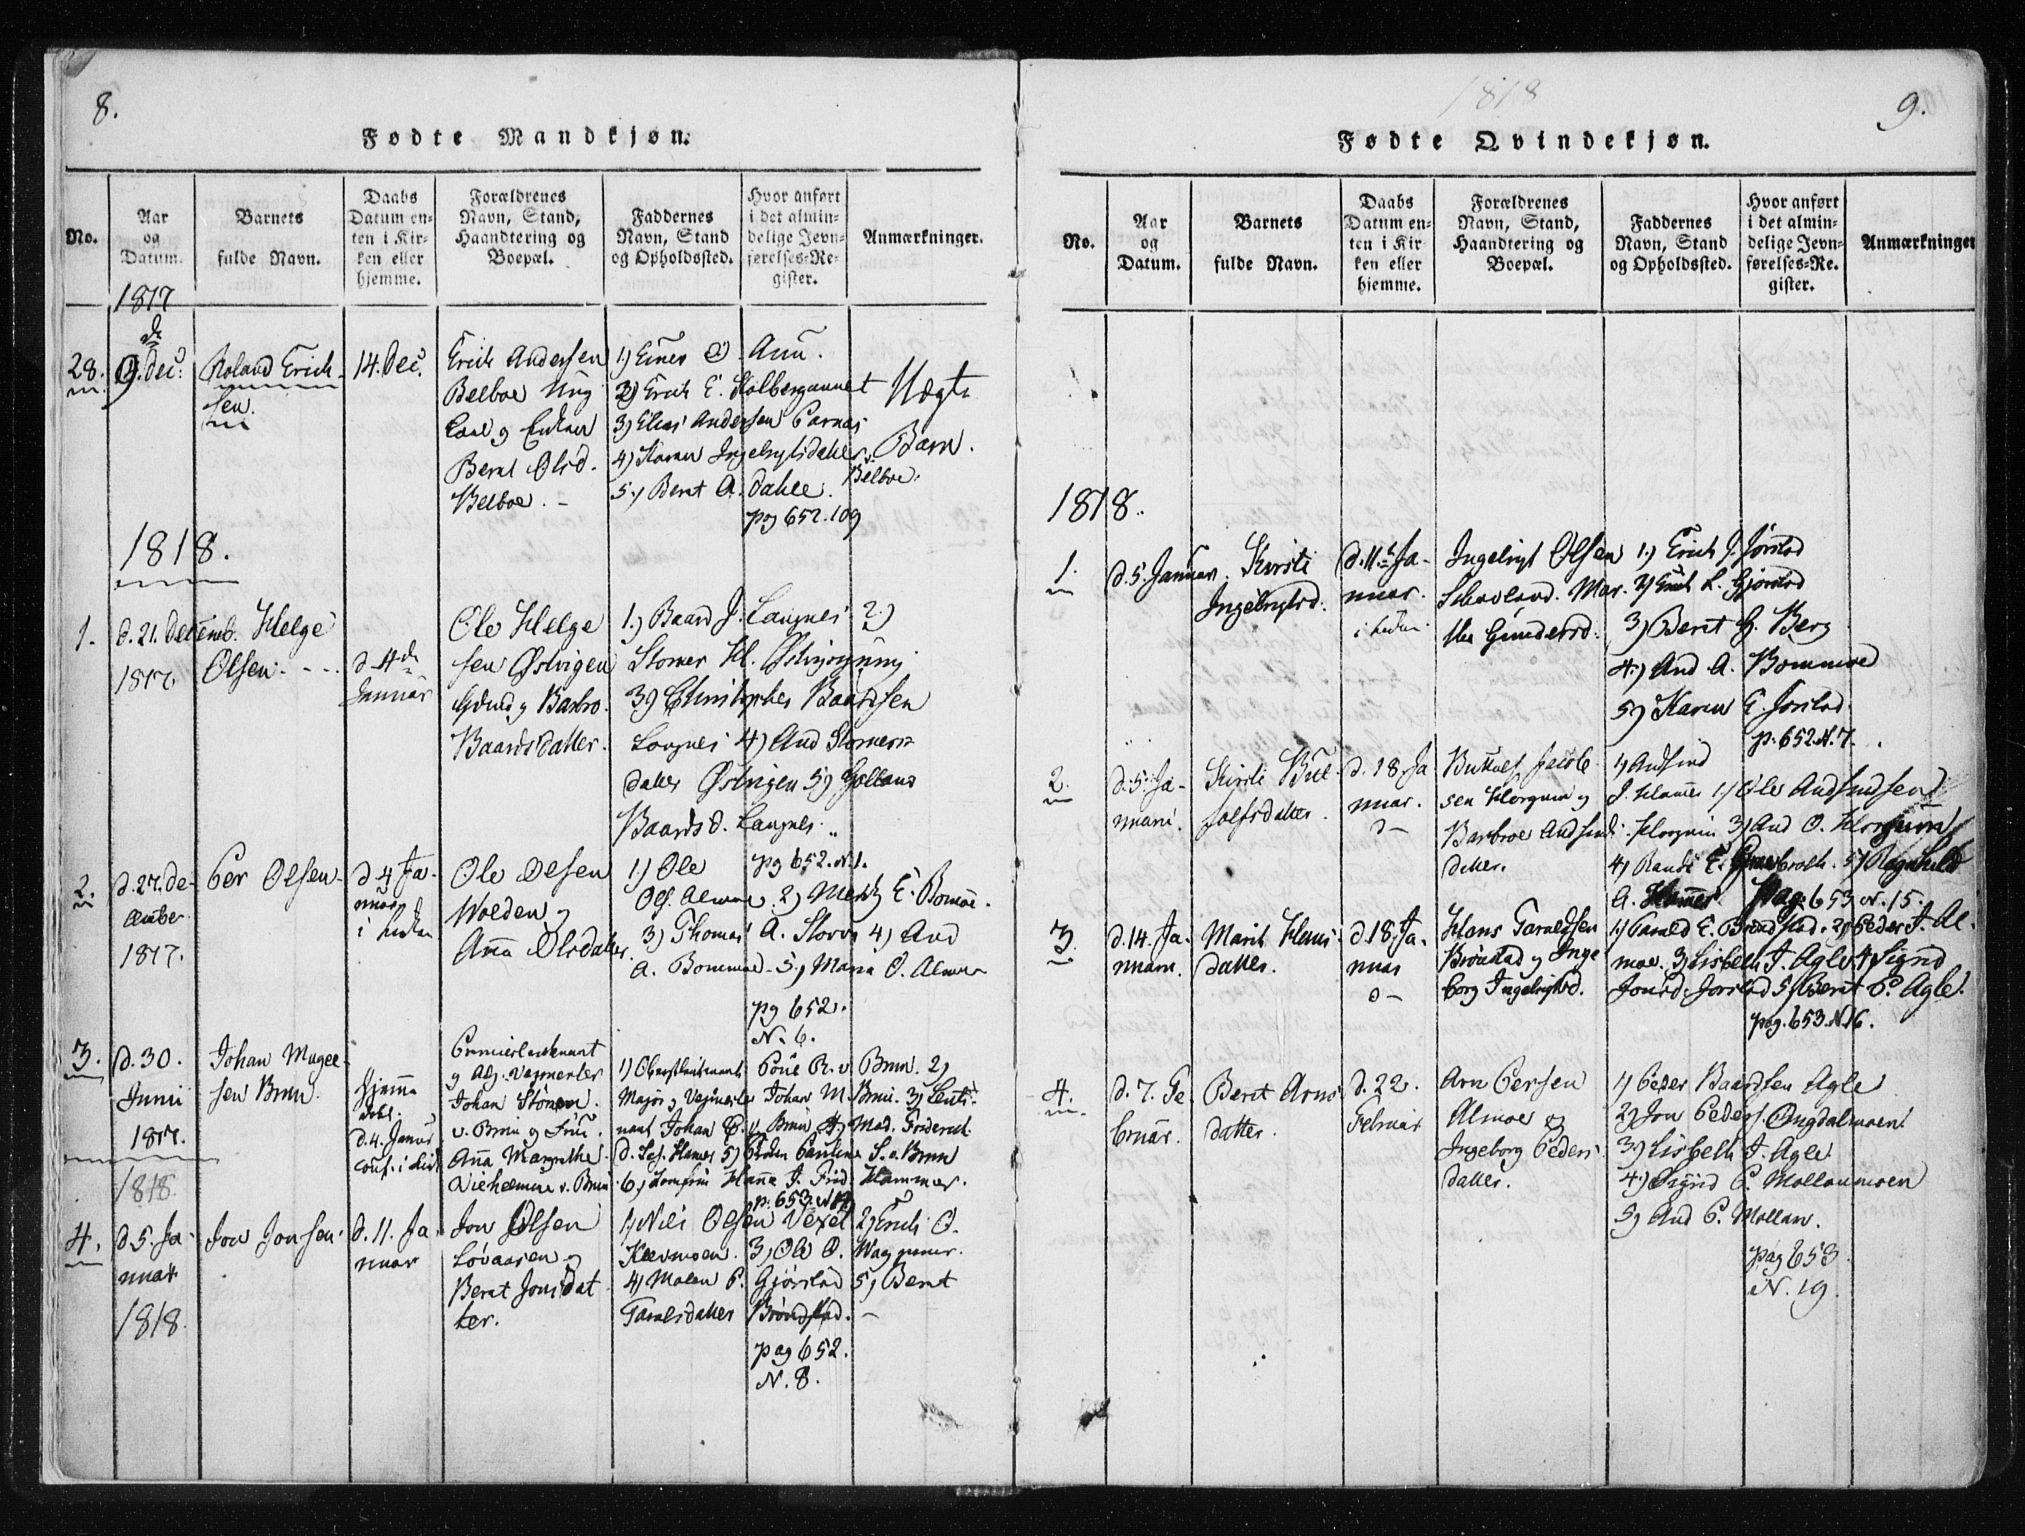 SAT, Ministerialprotokoller, klokkerbøker og fødselsregistre - Nord-Trøndelag, 749/L0469: Ministerialbok nr. 749A03, 1817-1857, s. 8-9